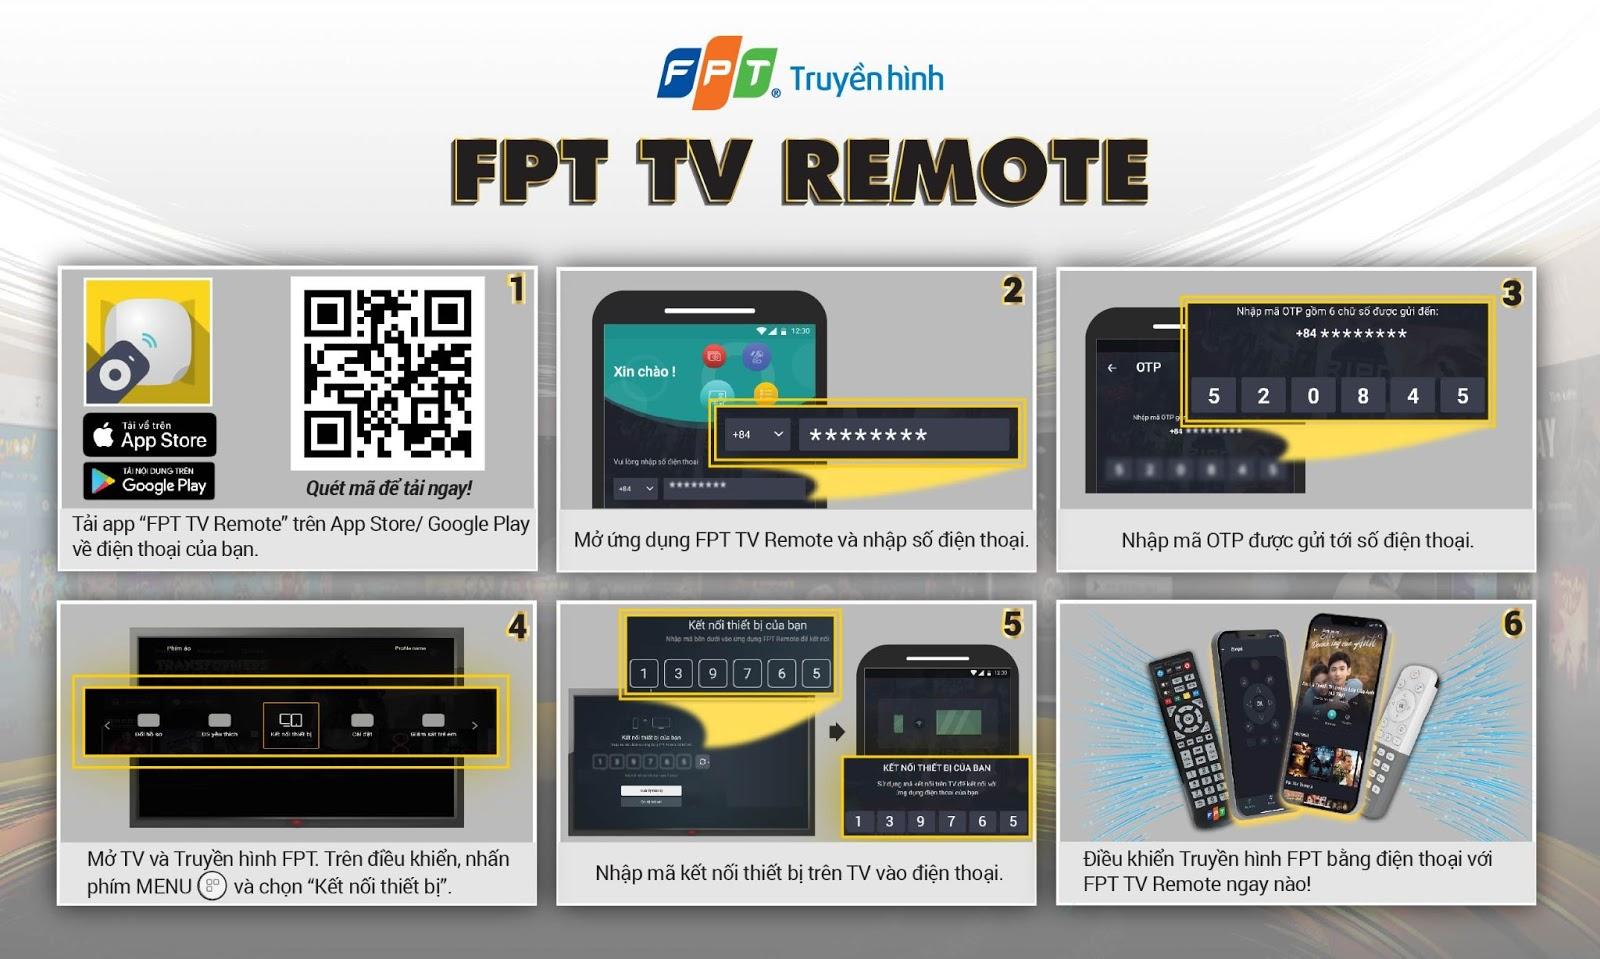 Hướng dẫn cài đặt FPT TV Remote